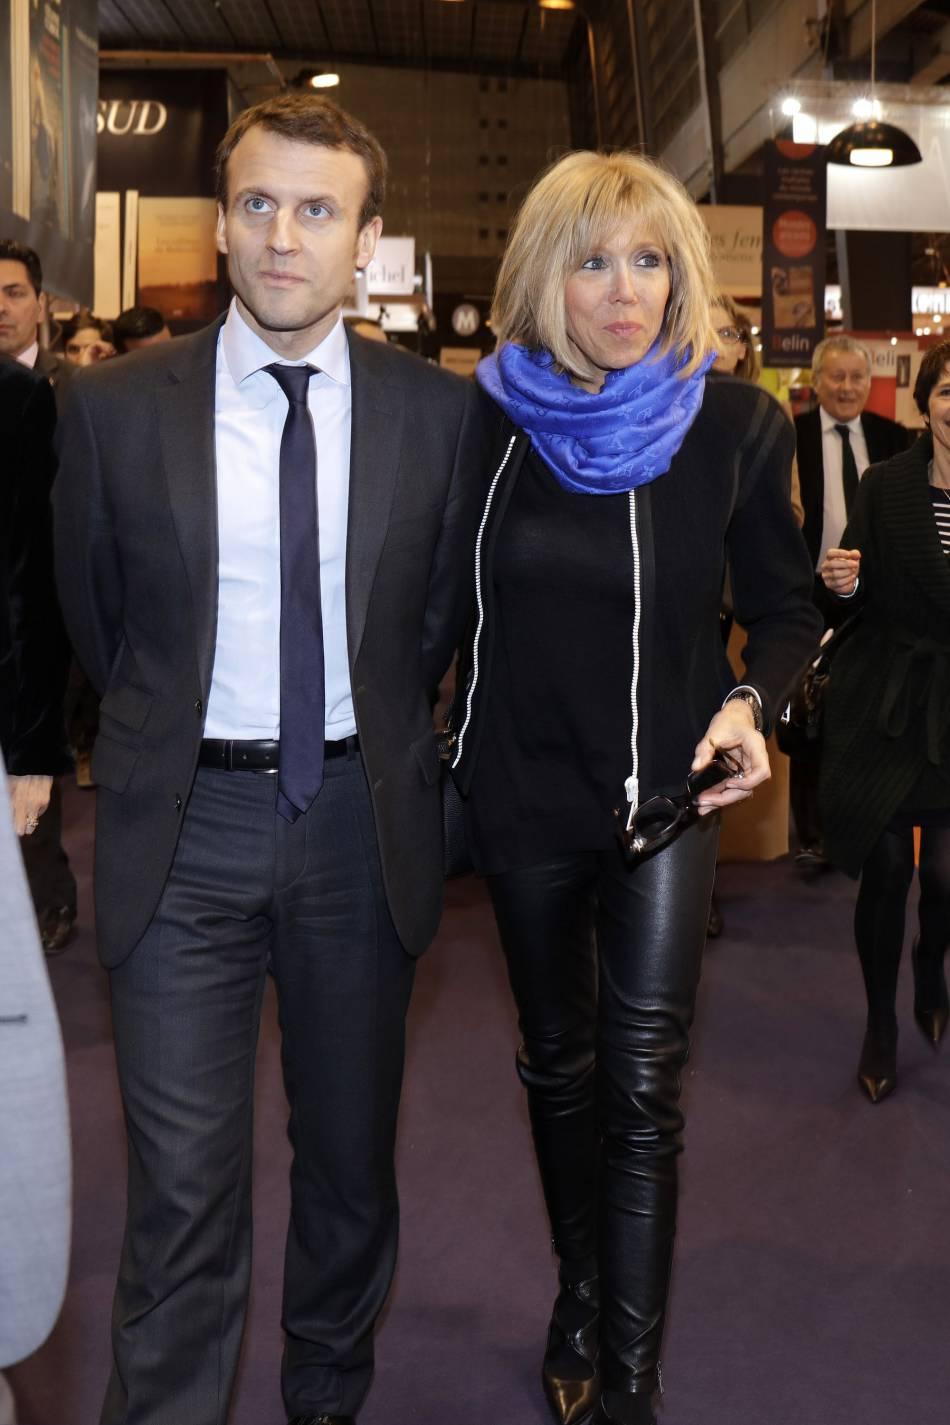 Brigitte et Emmanuel Macron ont plus de 20 ans d'écart. Ce qui ne les empêche pas de filer le parfait amour.